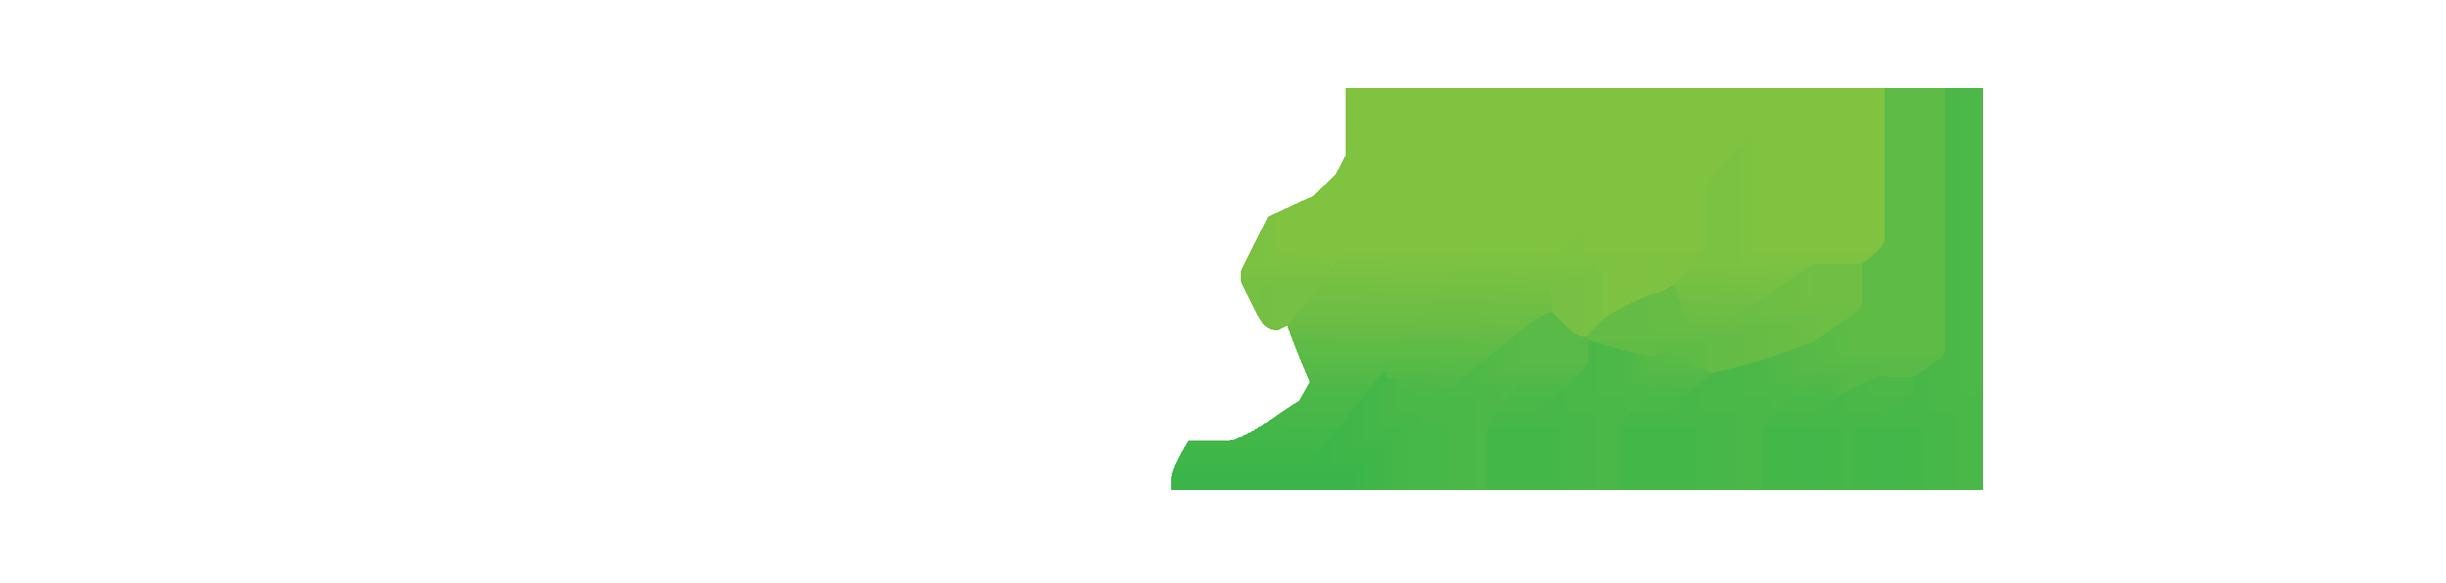 архитектурно-дизайнерская студия ART VITA